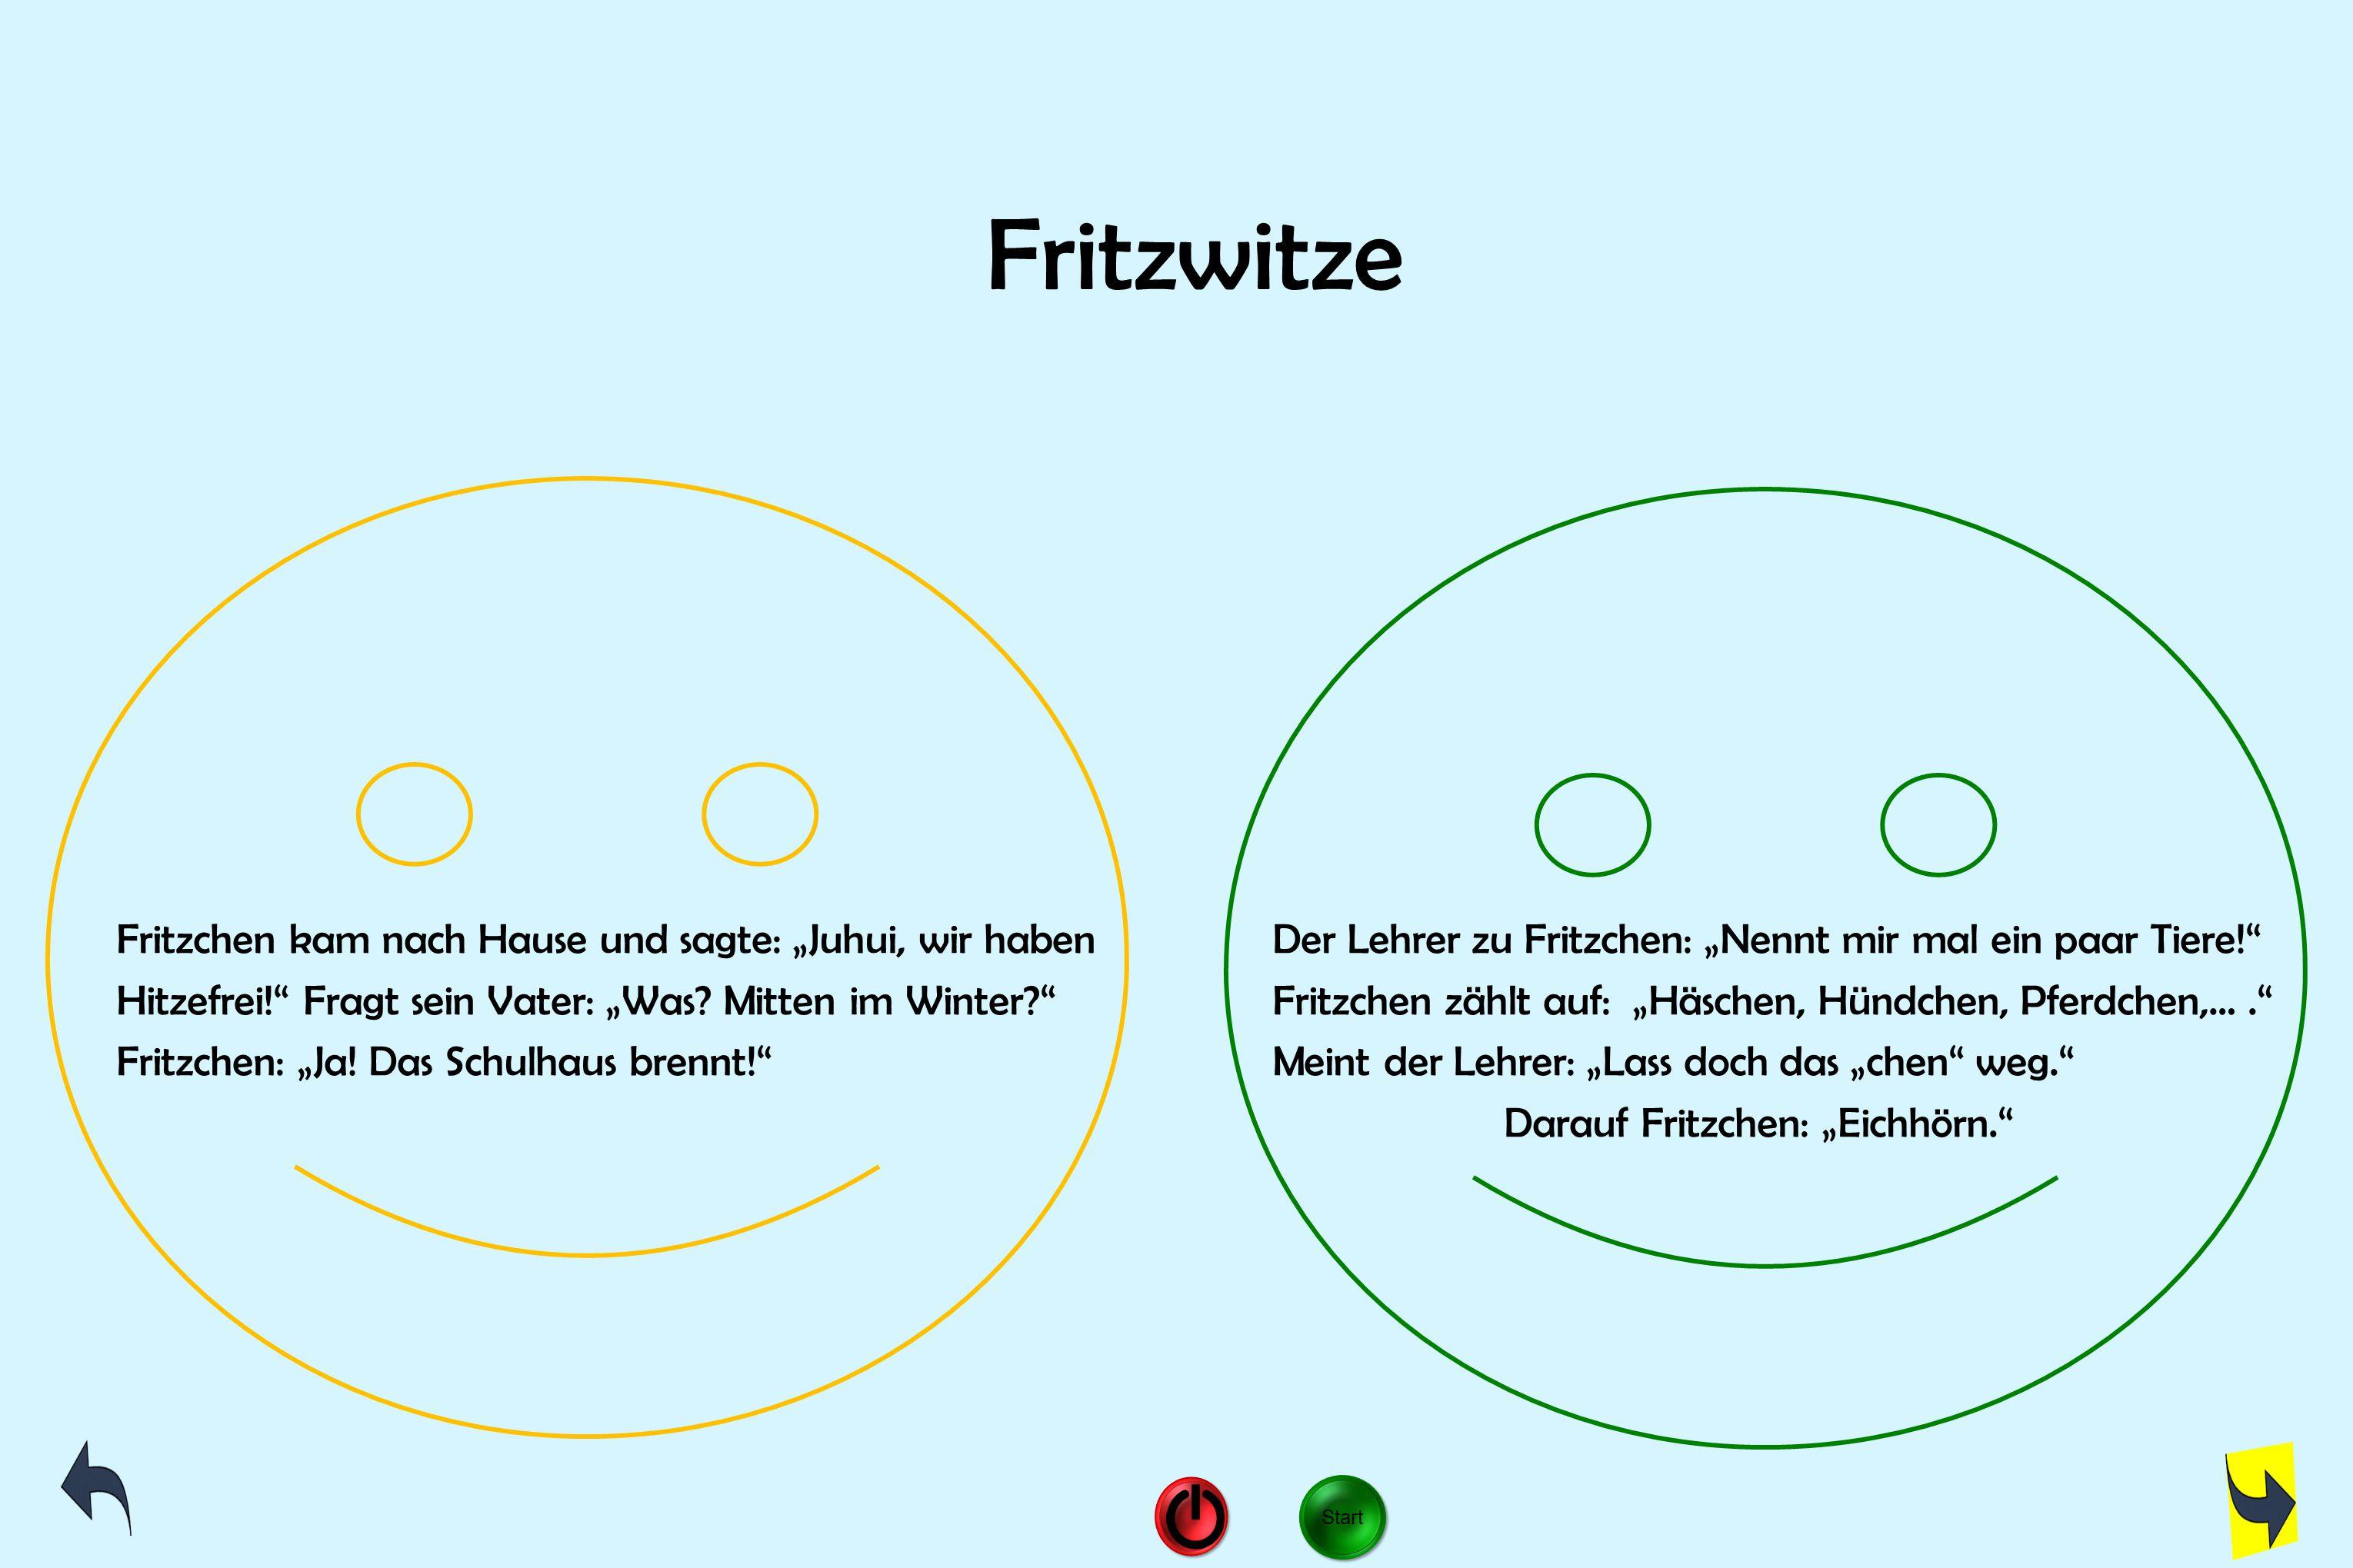 """Fritzwitze Fritzchen kam nach Hause und sagte: """"Juhui, wir haben Der Lehrer zu Fritzchen: """"Nennt mir mal ein paar Tiere!"""